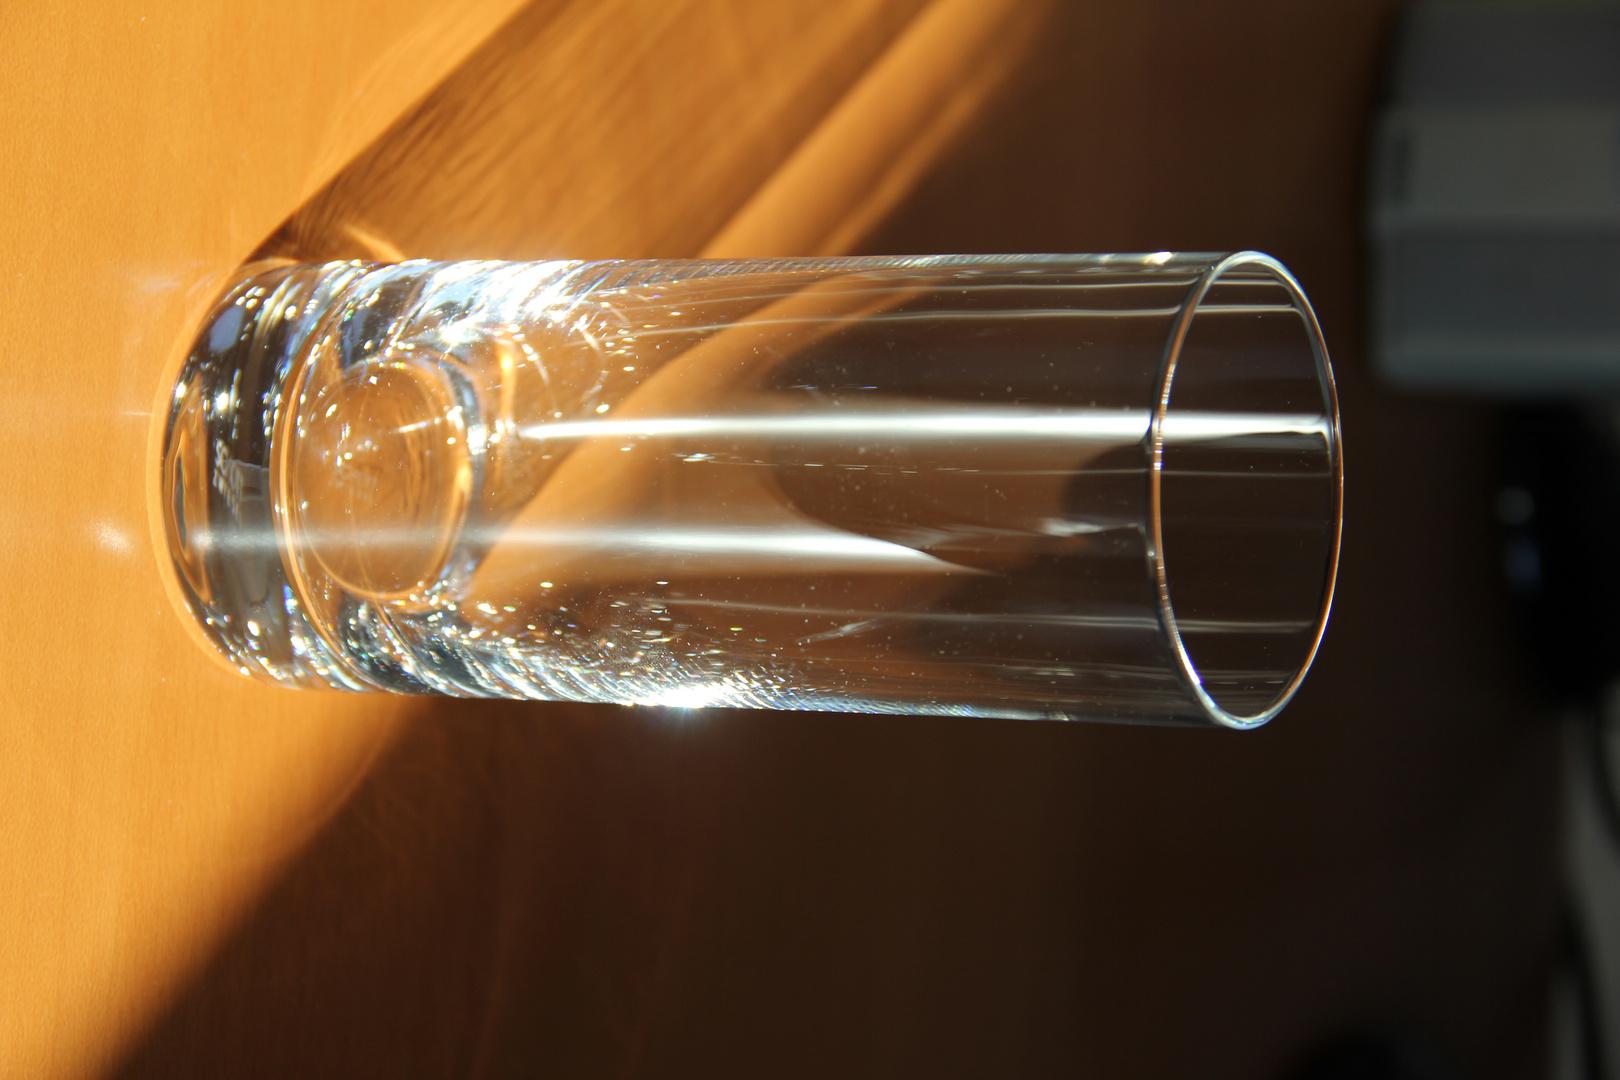 Lichtreflexionen in einem leeren Glas